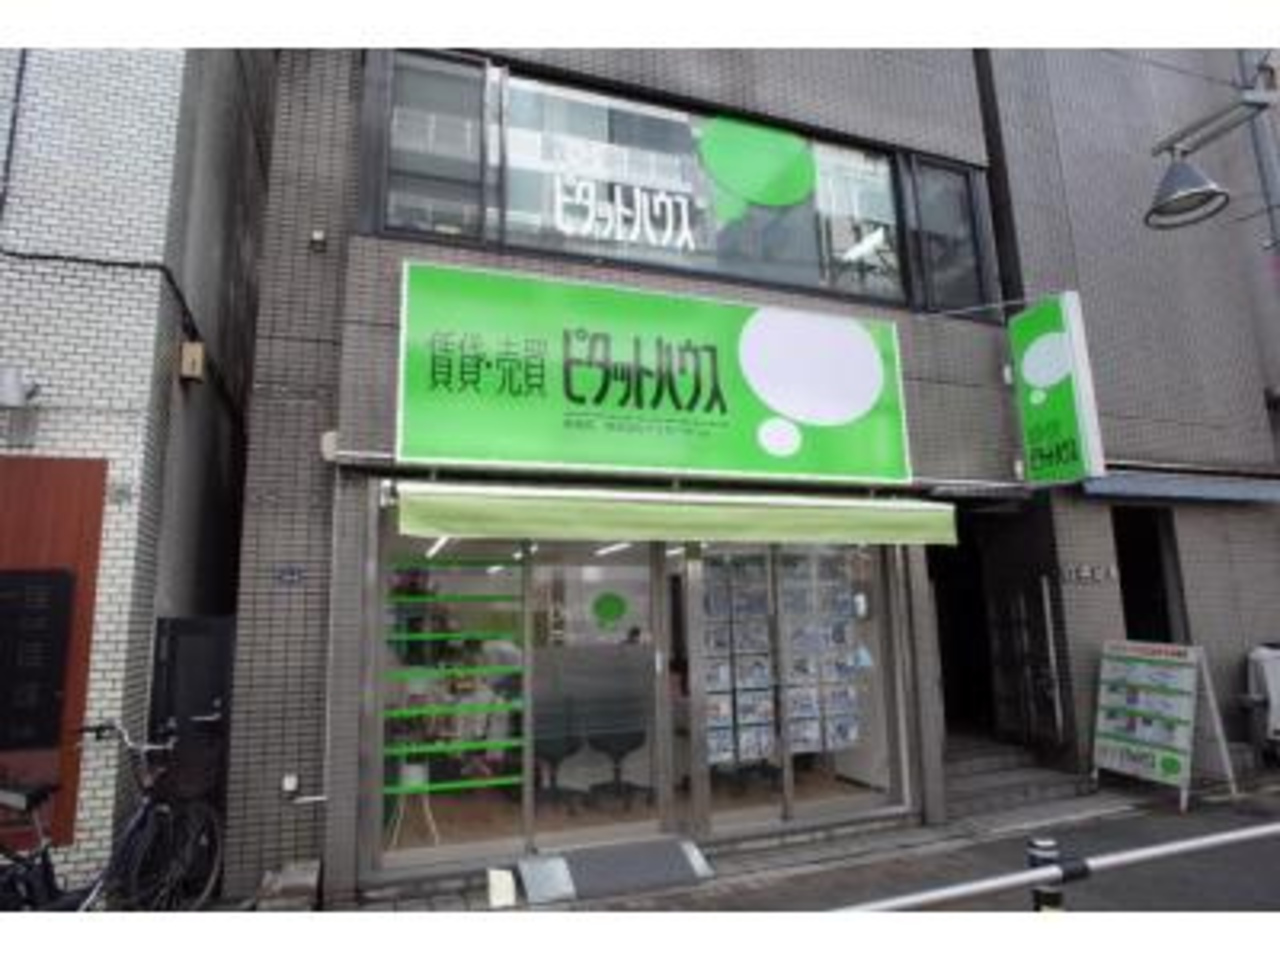 13119ピタットハウス板橋店 株式会社アイガーホーム